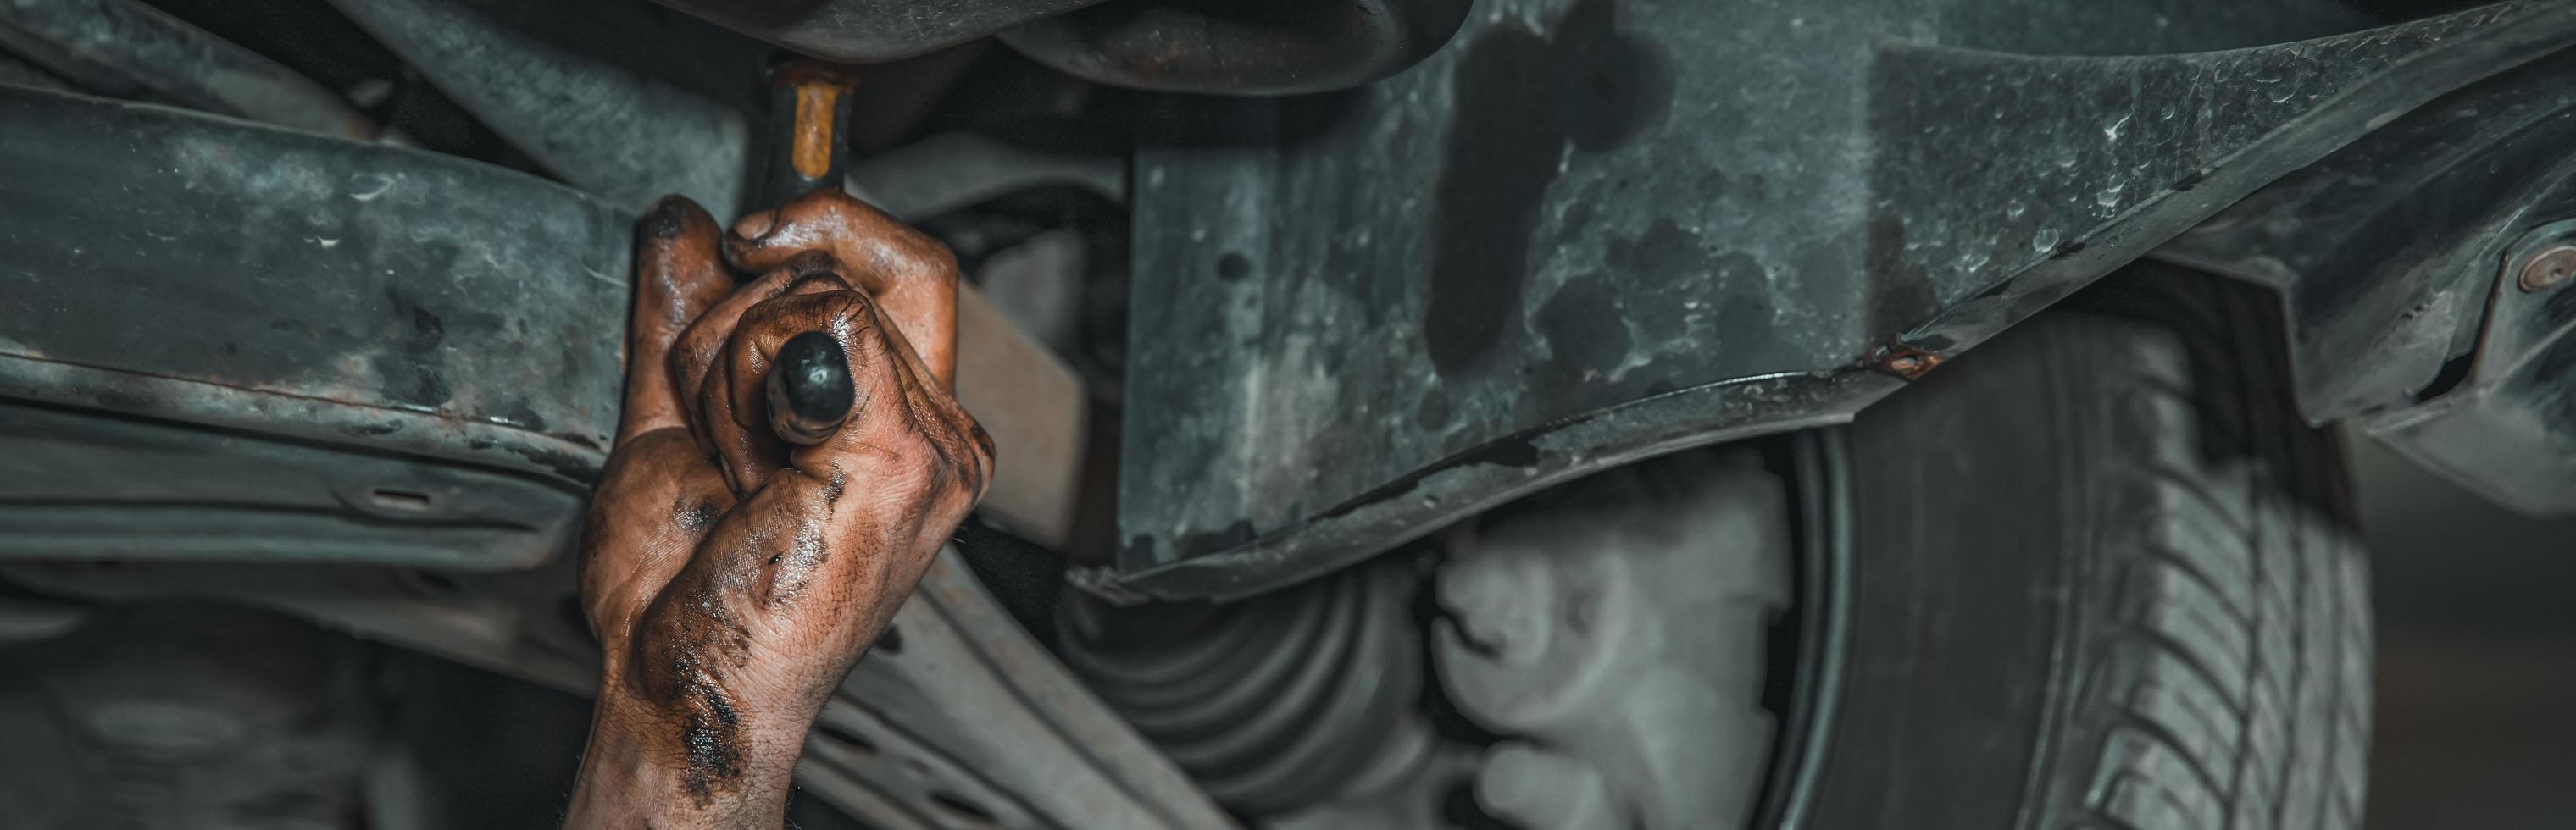 fettige mechanische Hand greift unter die Haube foto